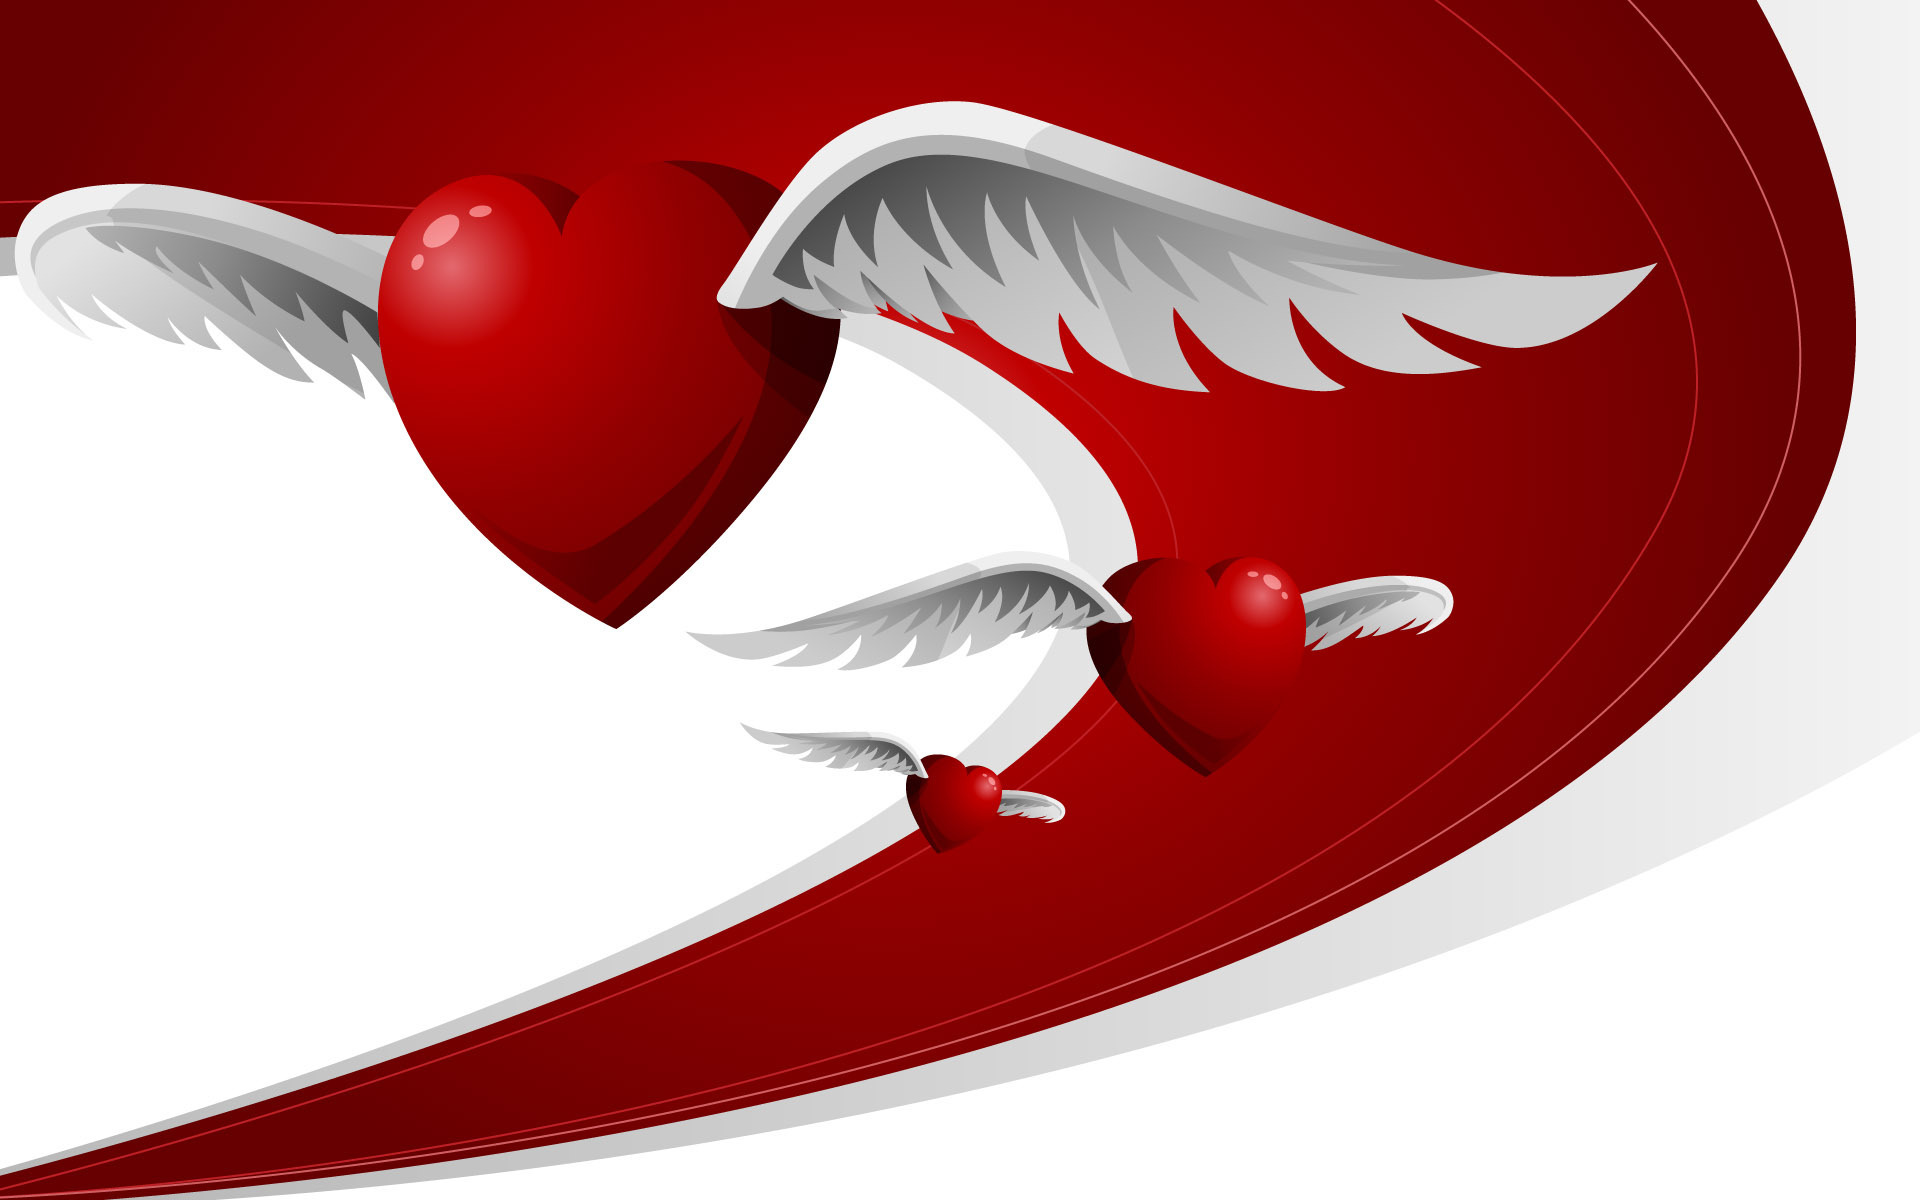 قلوب للفلانتين (4)